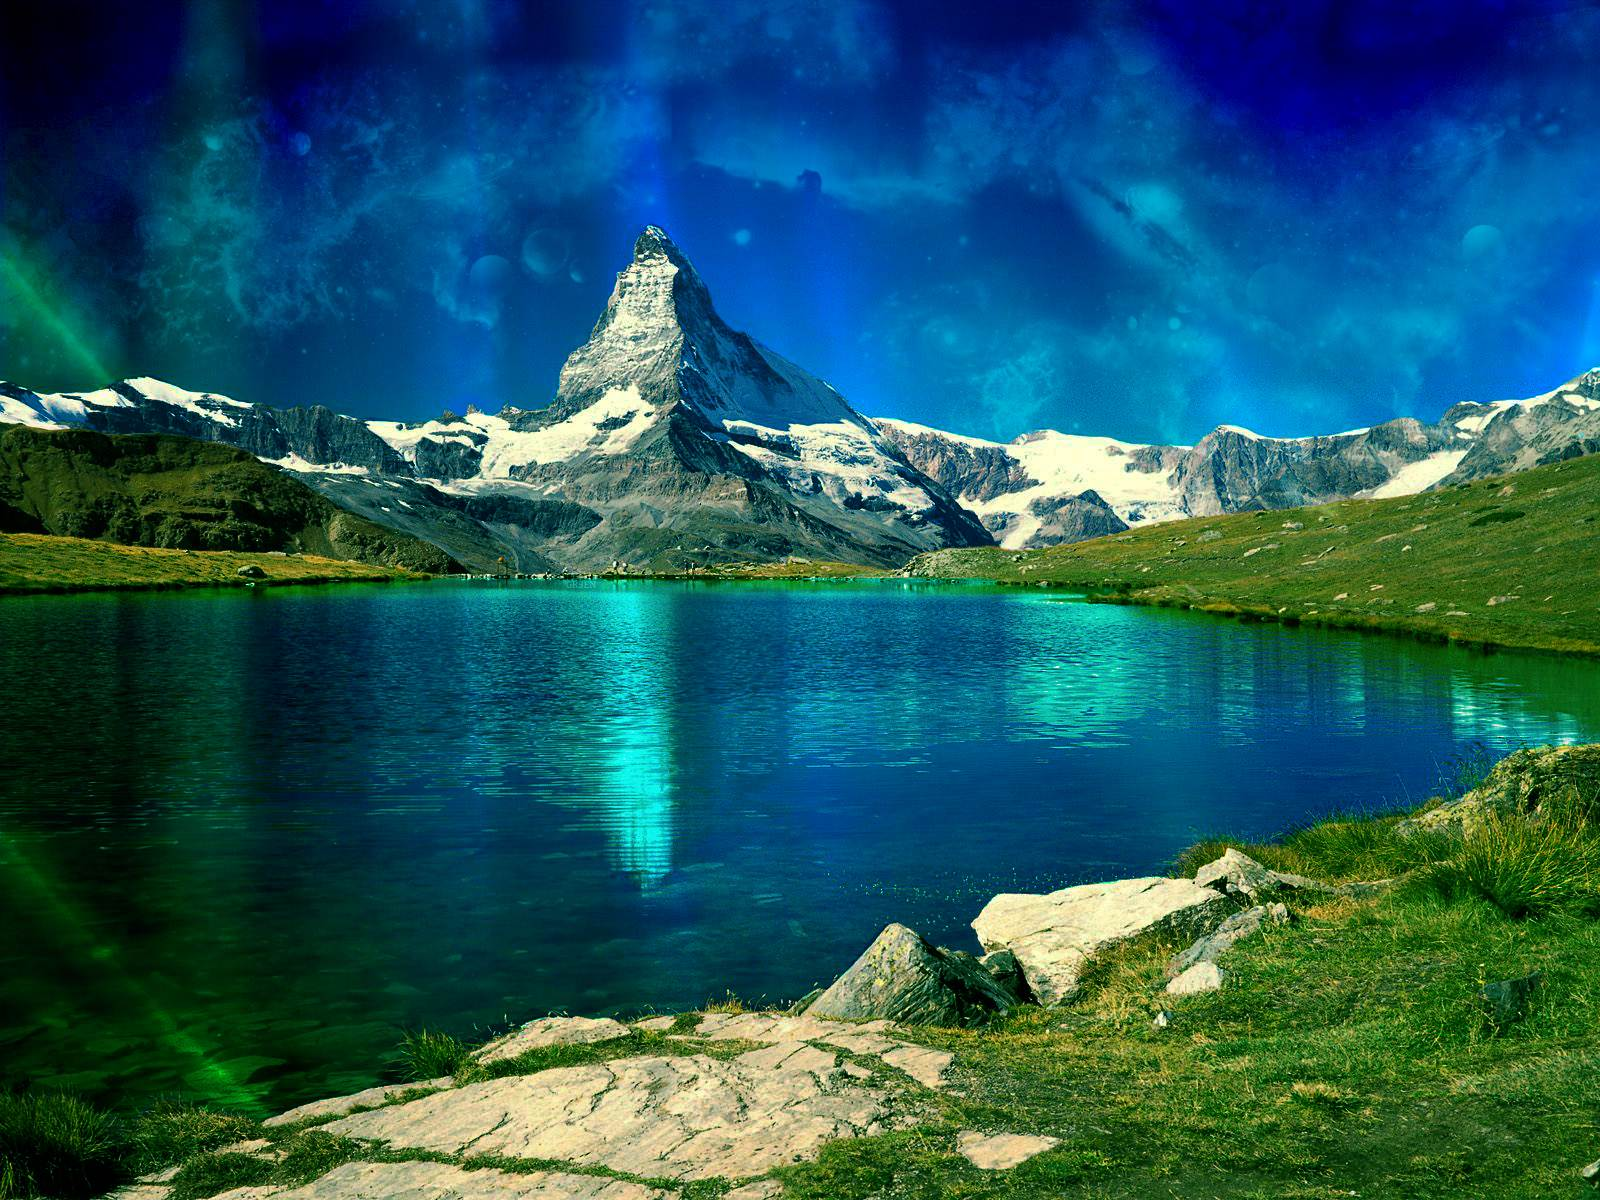 Imagenes de paisajes para descargar gratis Imagenes de